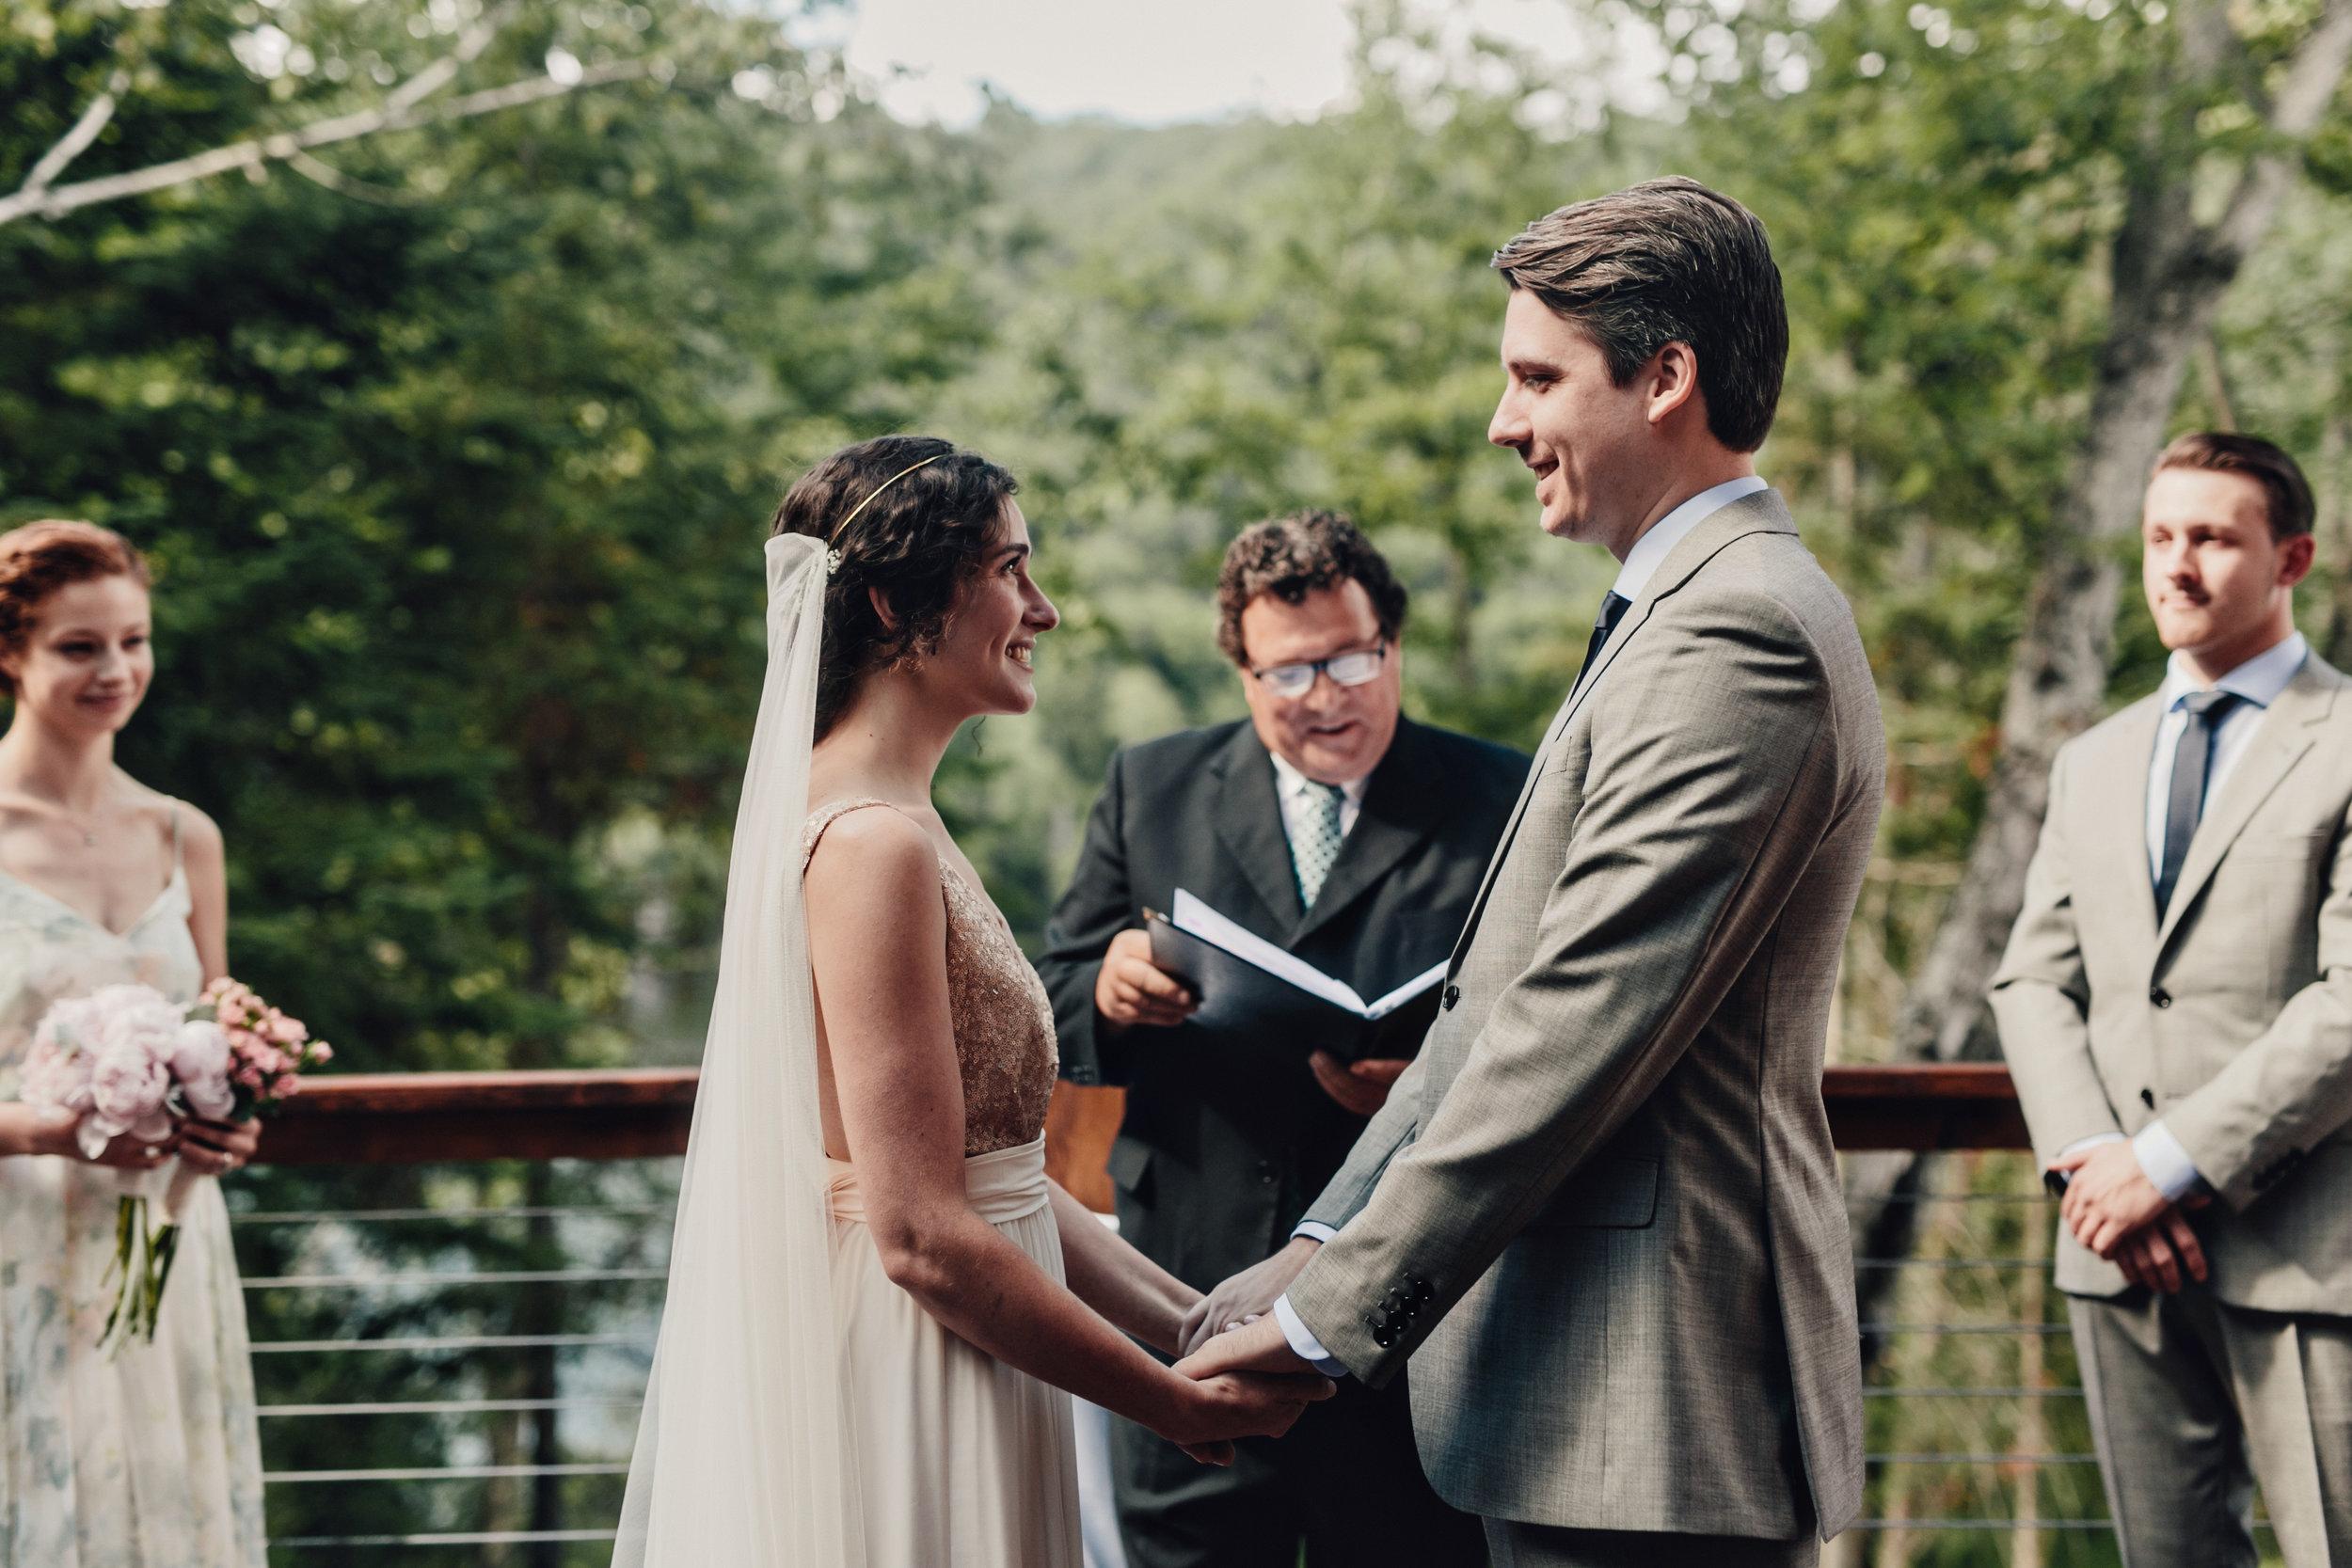 taylor-roades-weddings-0167.JPG